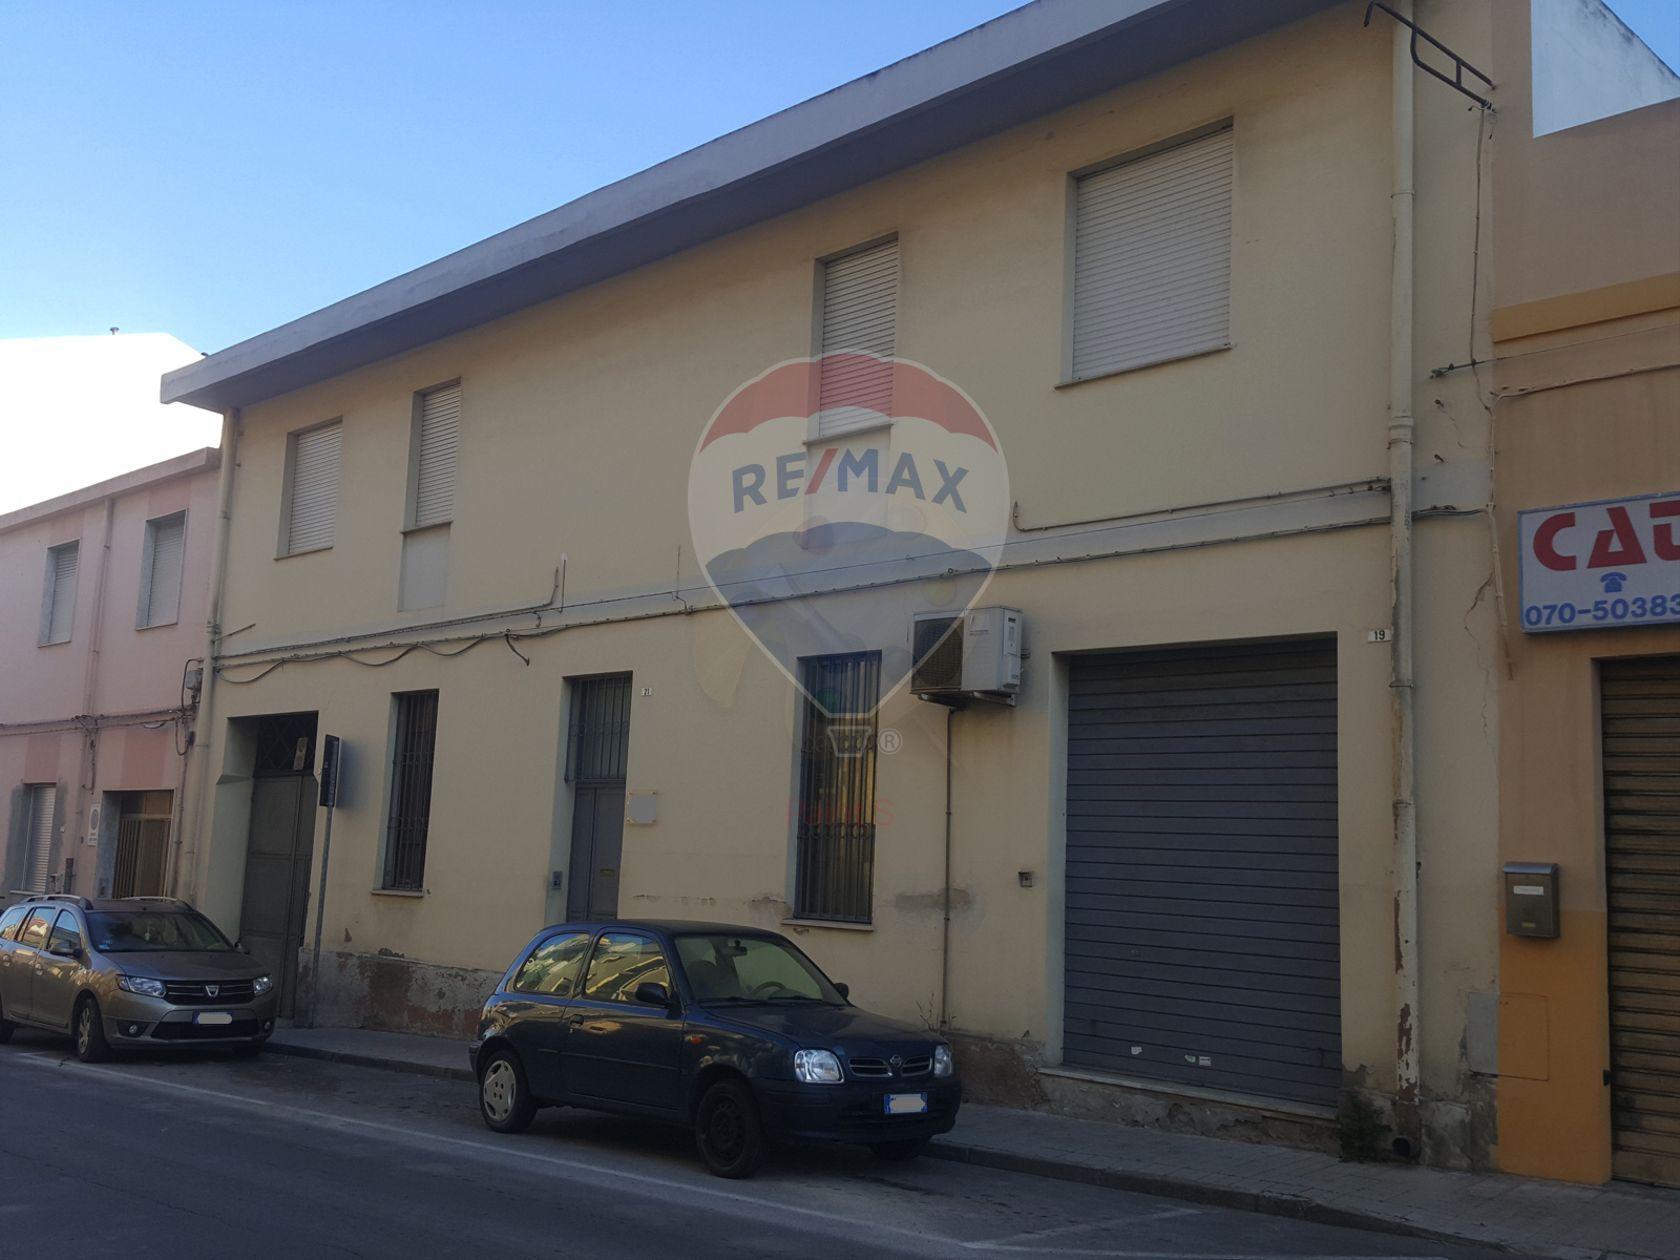 Locale Commerciale Cagliari-pirri-acentro, Cagliari, CA Vendita - Foto 2